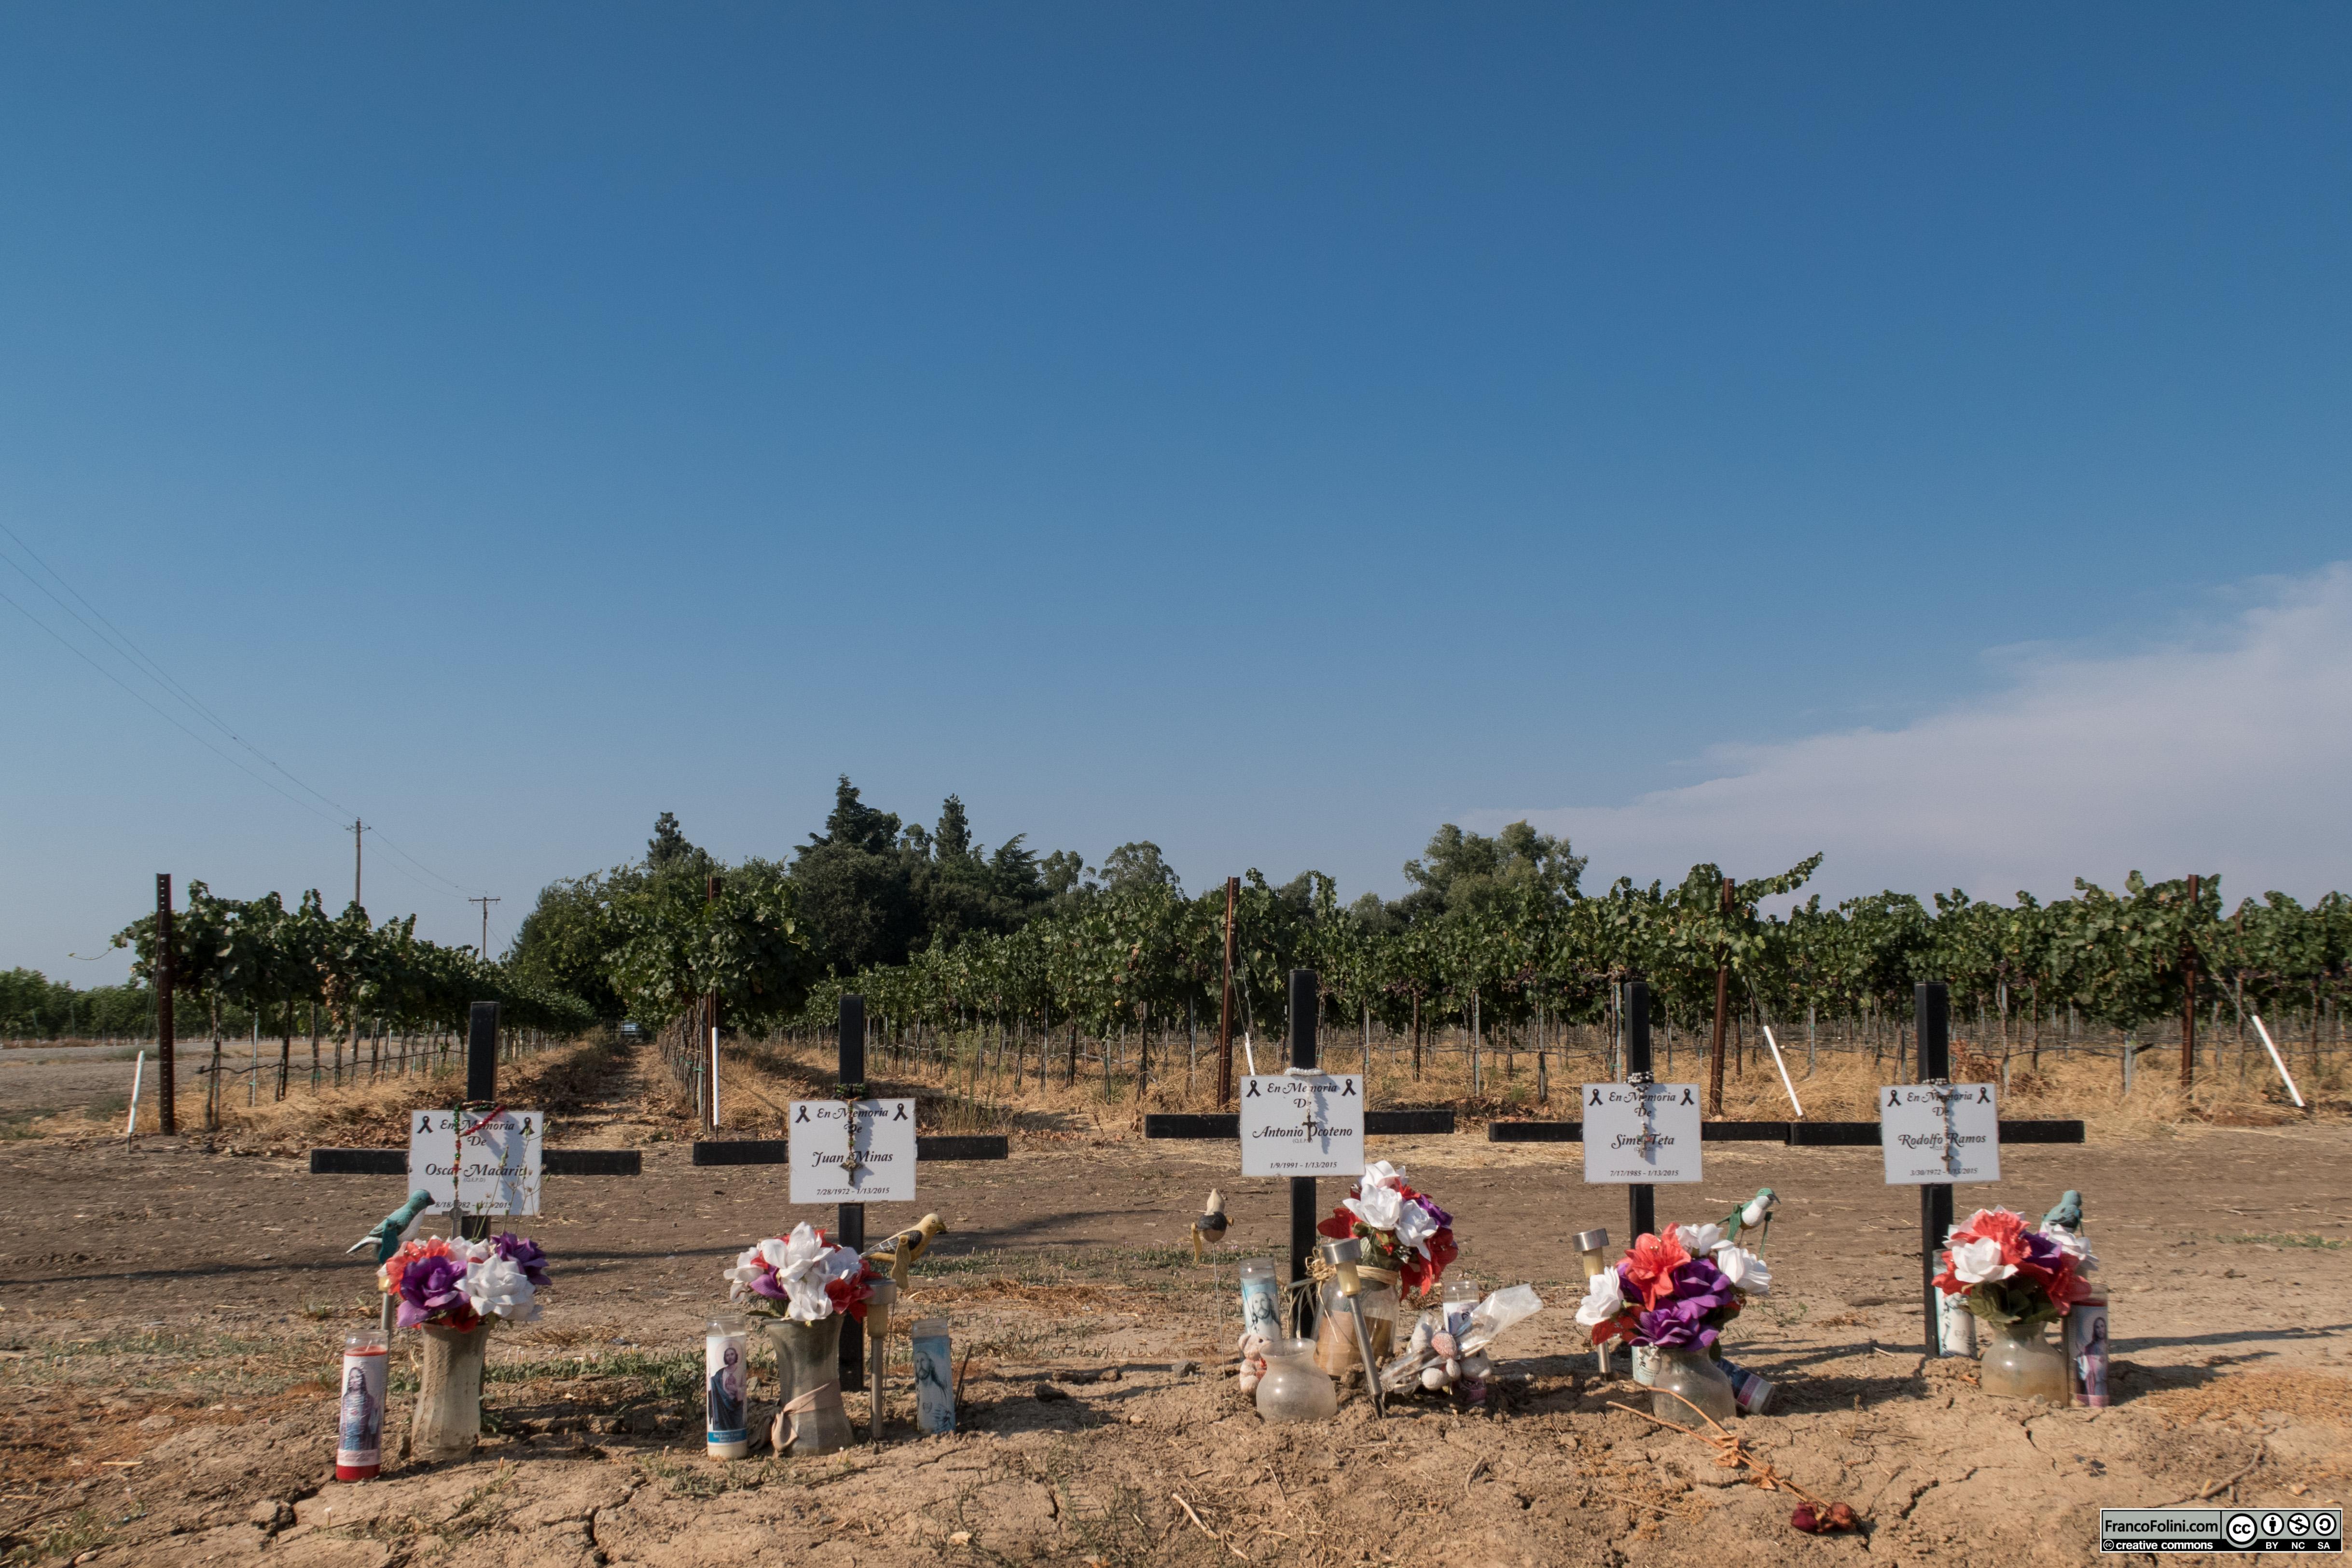 Farmington, CA: croci sul bordo della strada in memoria delle vittime di un grave incidente